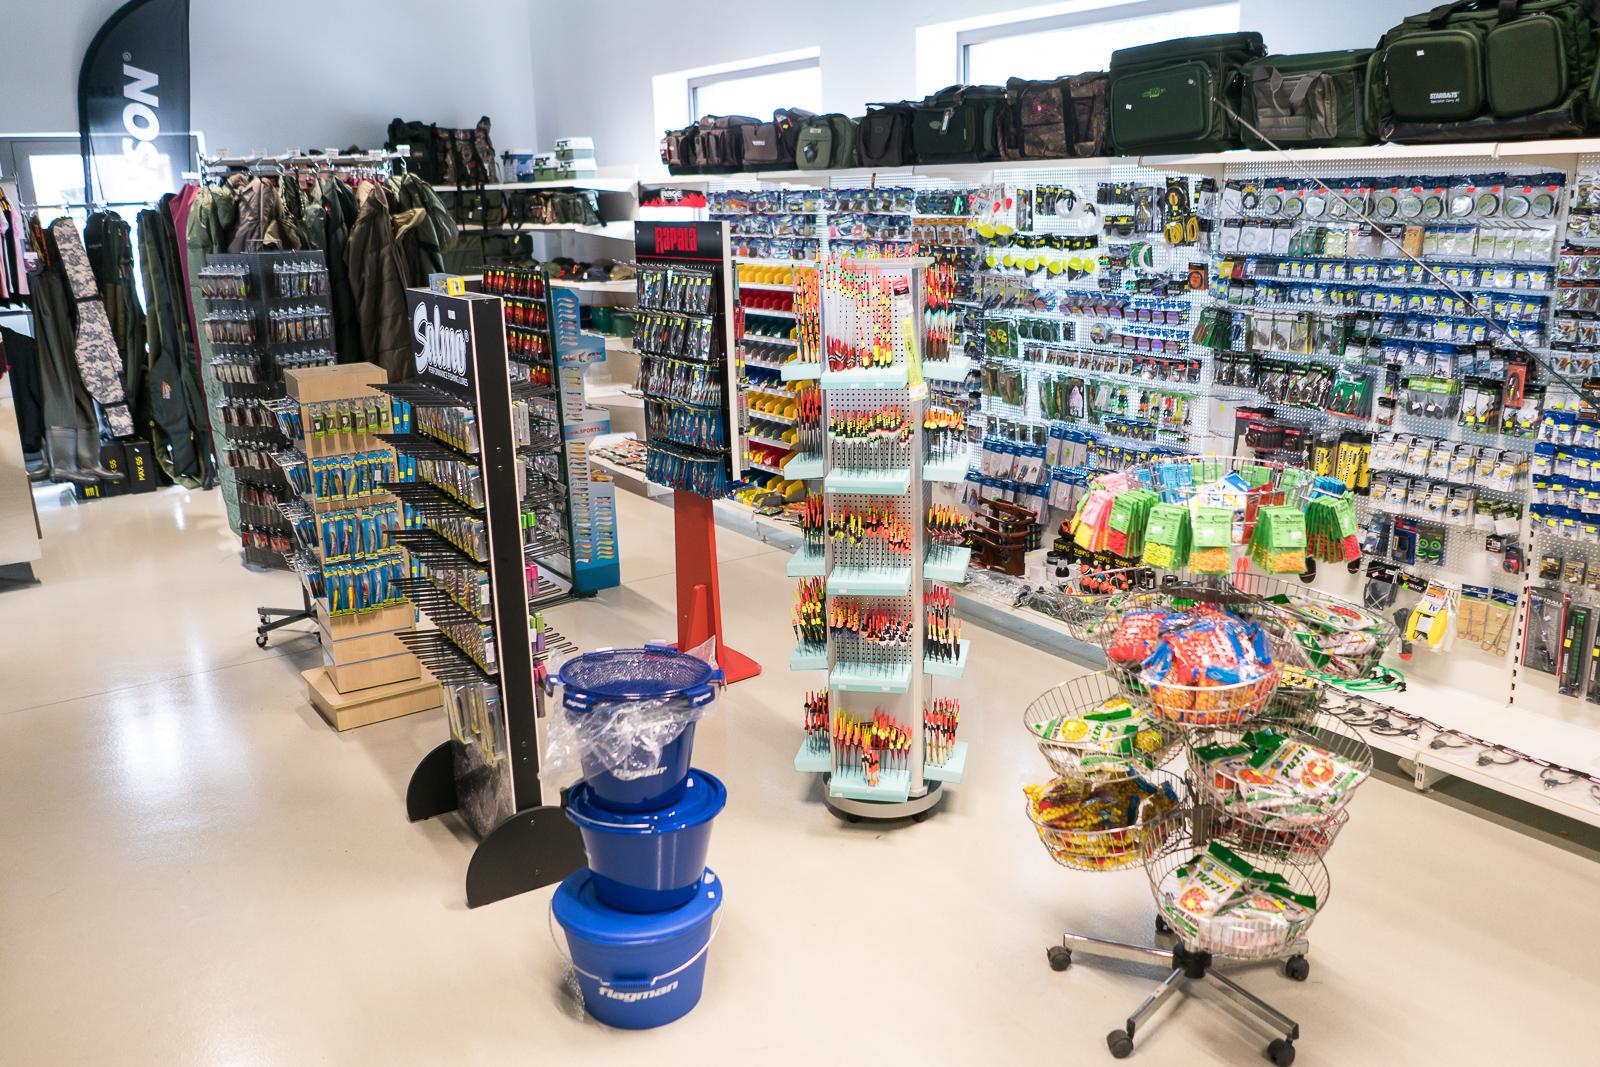 463e8bc3952e Naša predajňa REMI je zameraná na rybársky sortiment či už pre skúsených  rybárov alebo začínajúcich nadšencov. Každému sa snažíme vyhovieť rovnako a  správne ...